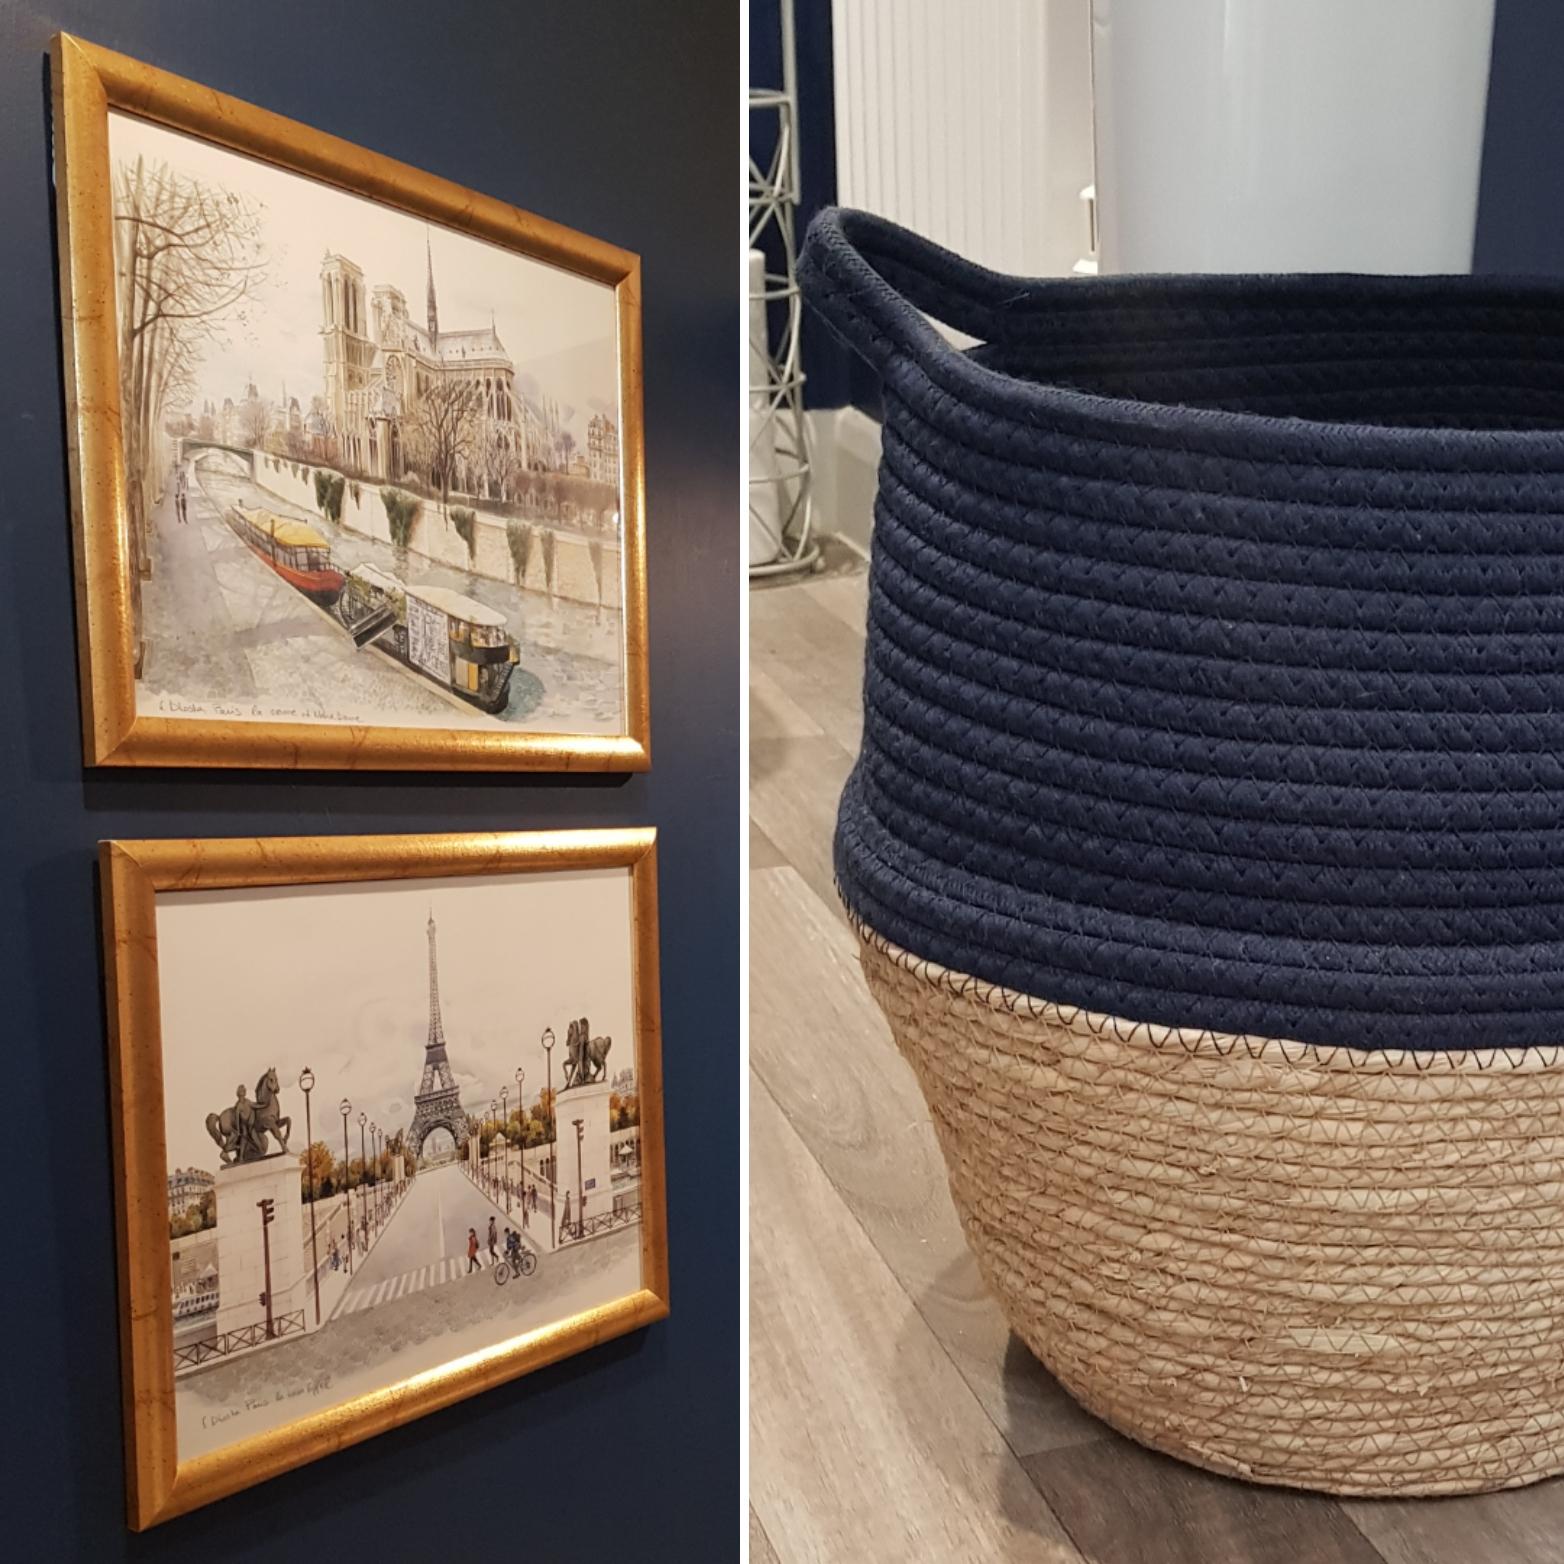 Budget Room Makeover: Artwork & Basket